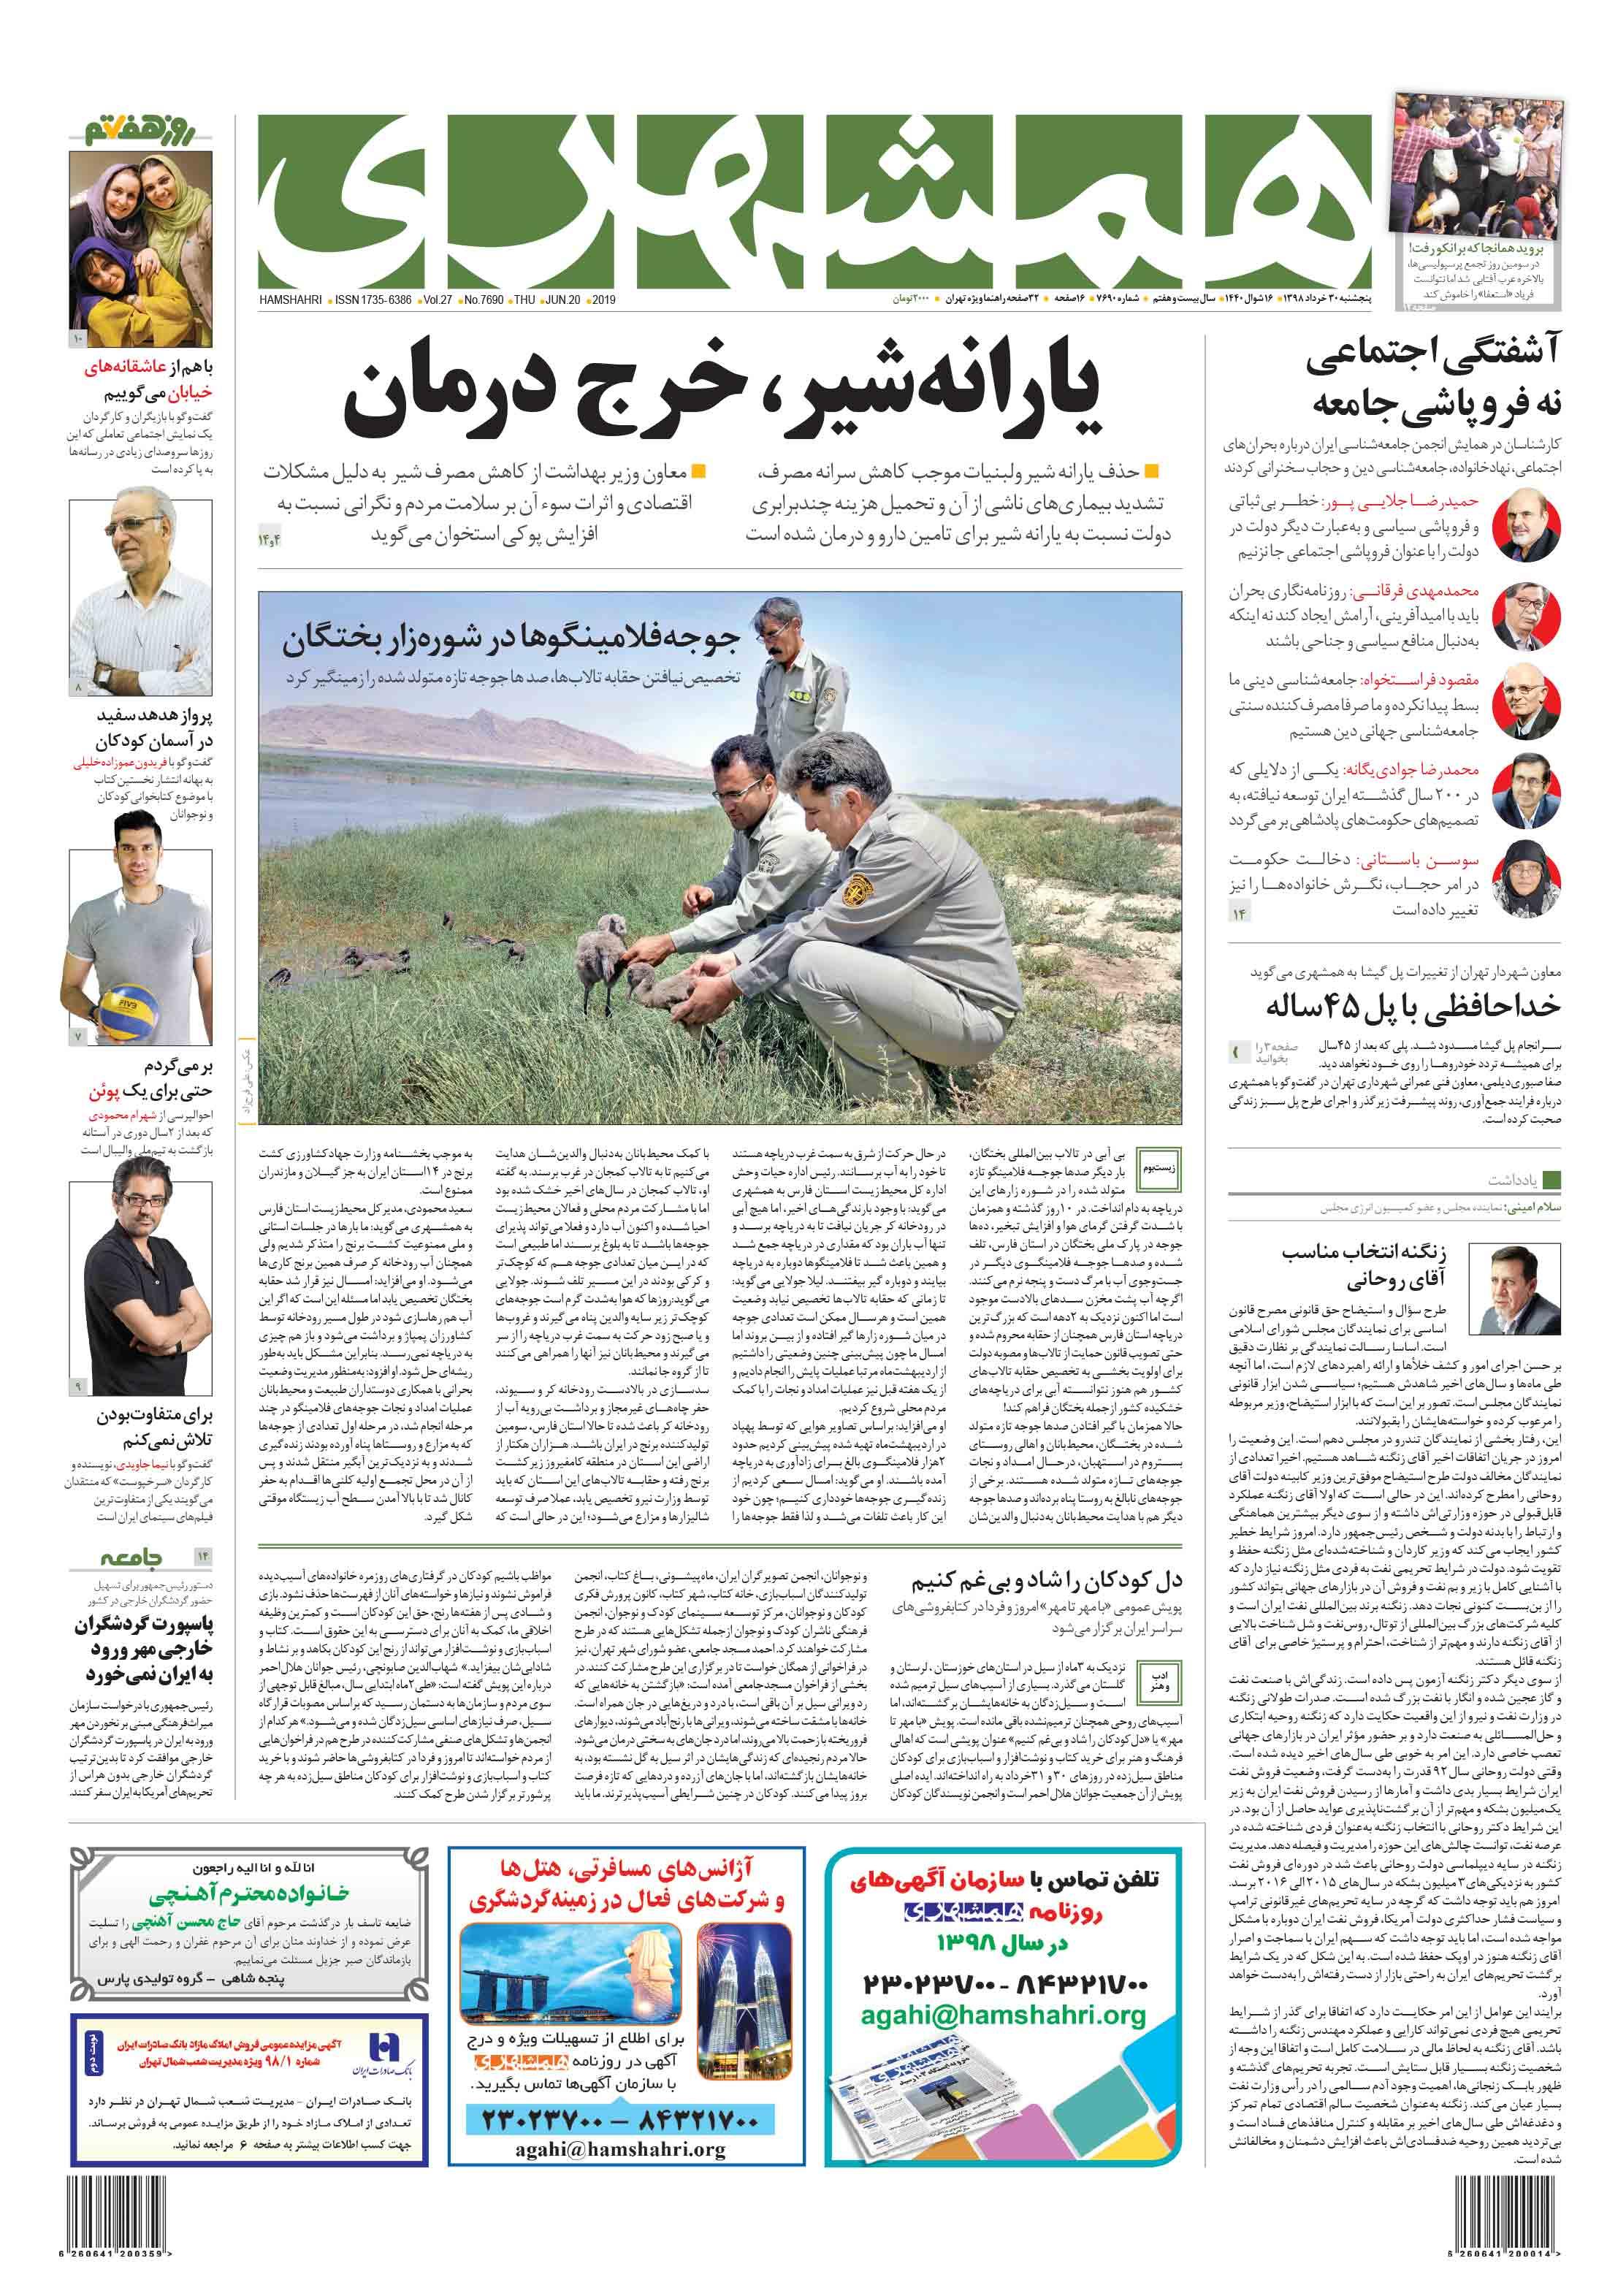 صفحه اول پنجشنبه 30 خرداد 1398